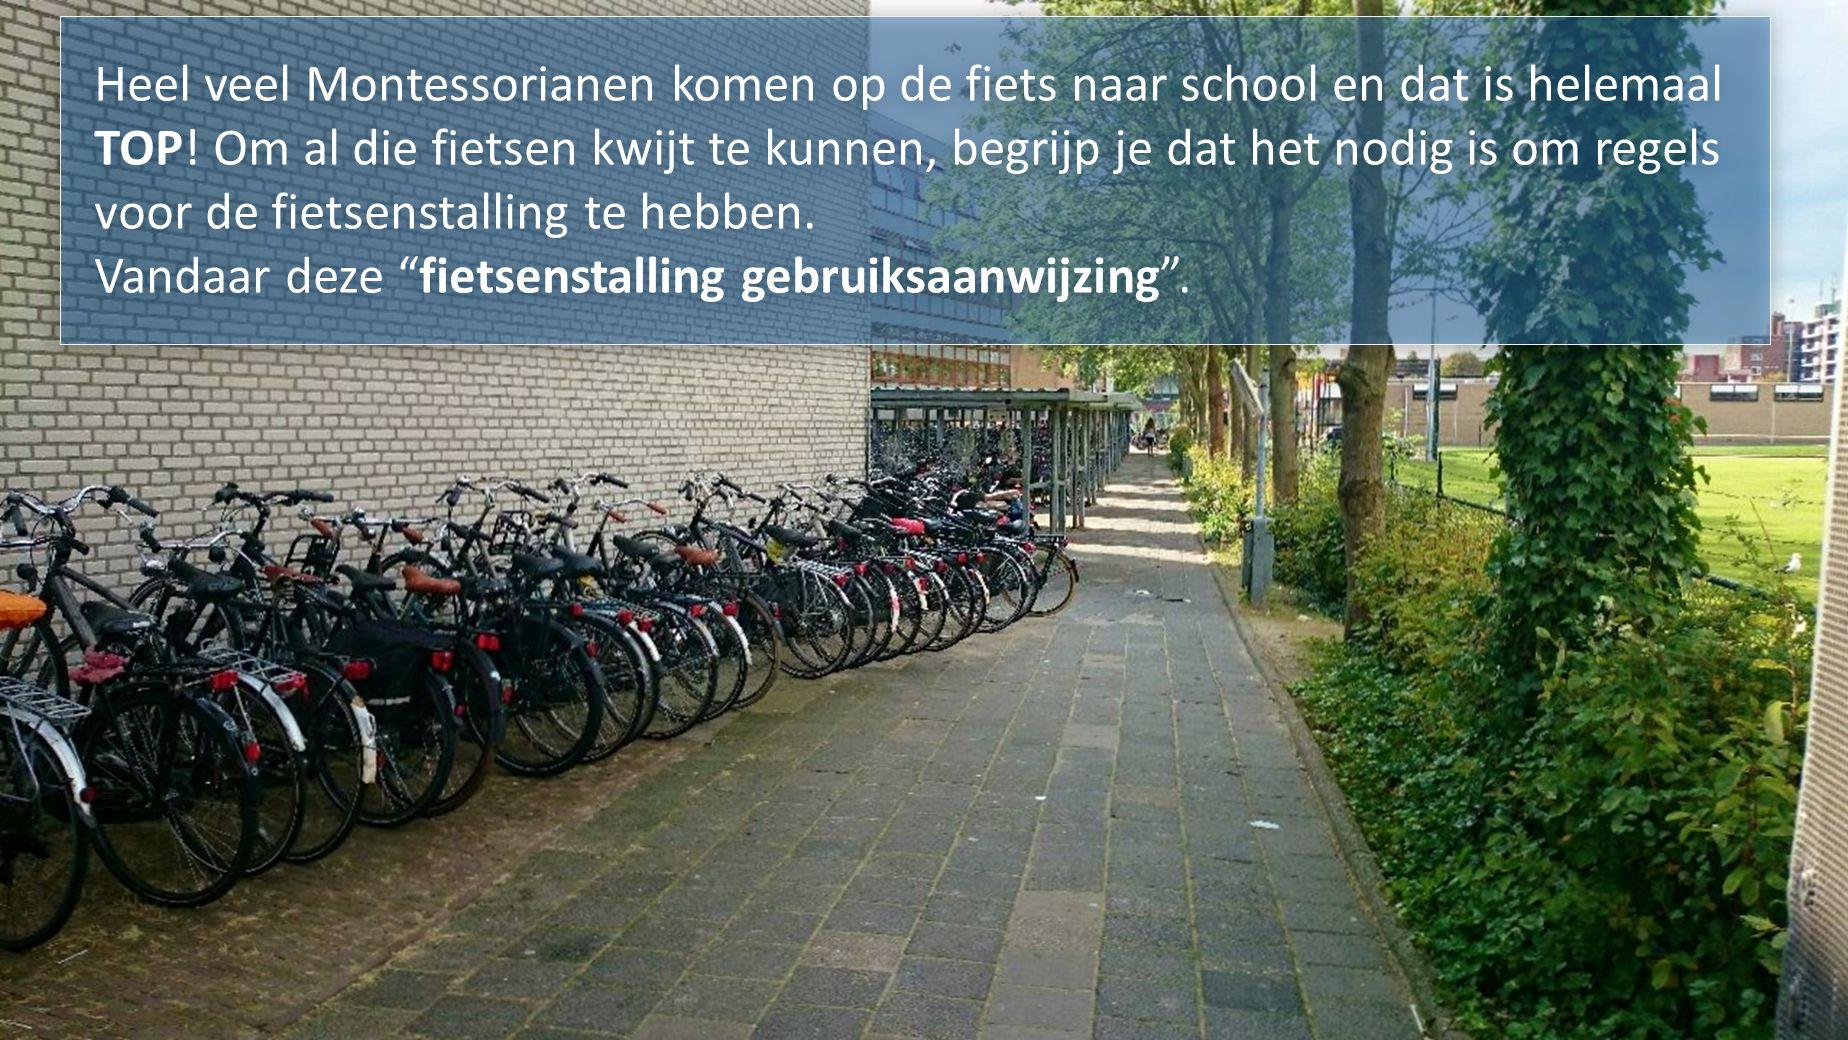 Heel veel Montessorianen komen op de fiets naar school en dat is helemaal TOP.